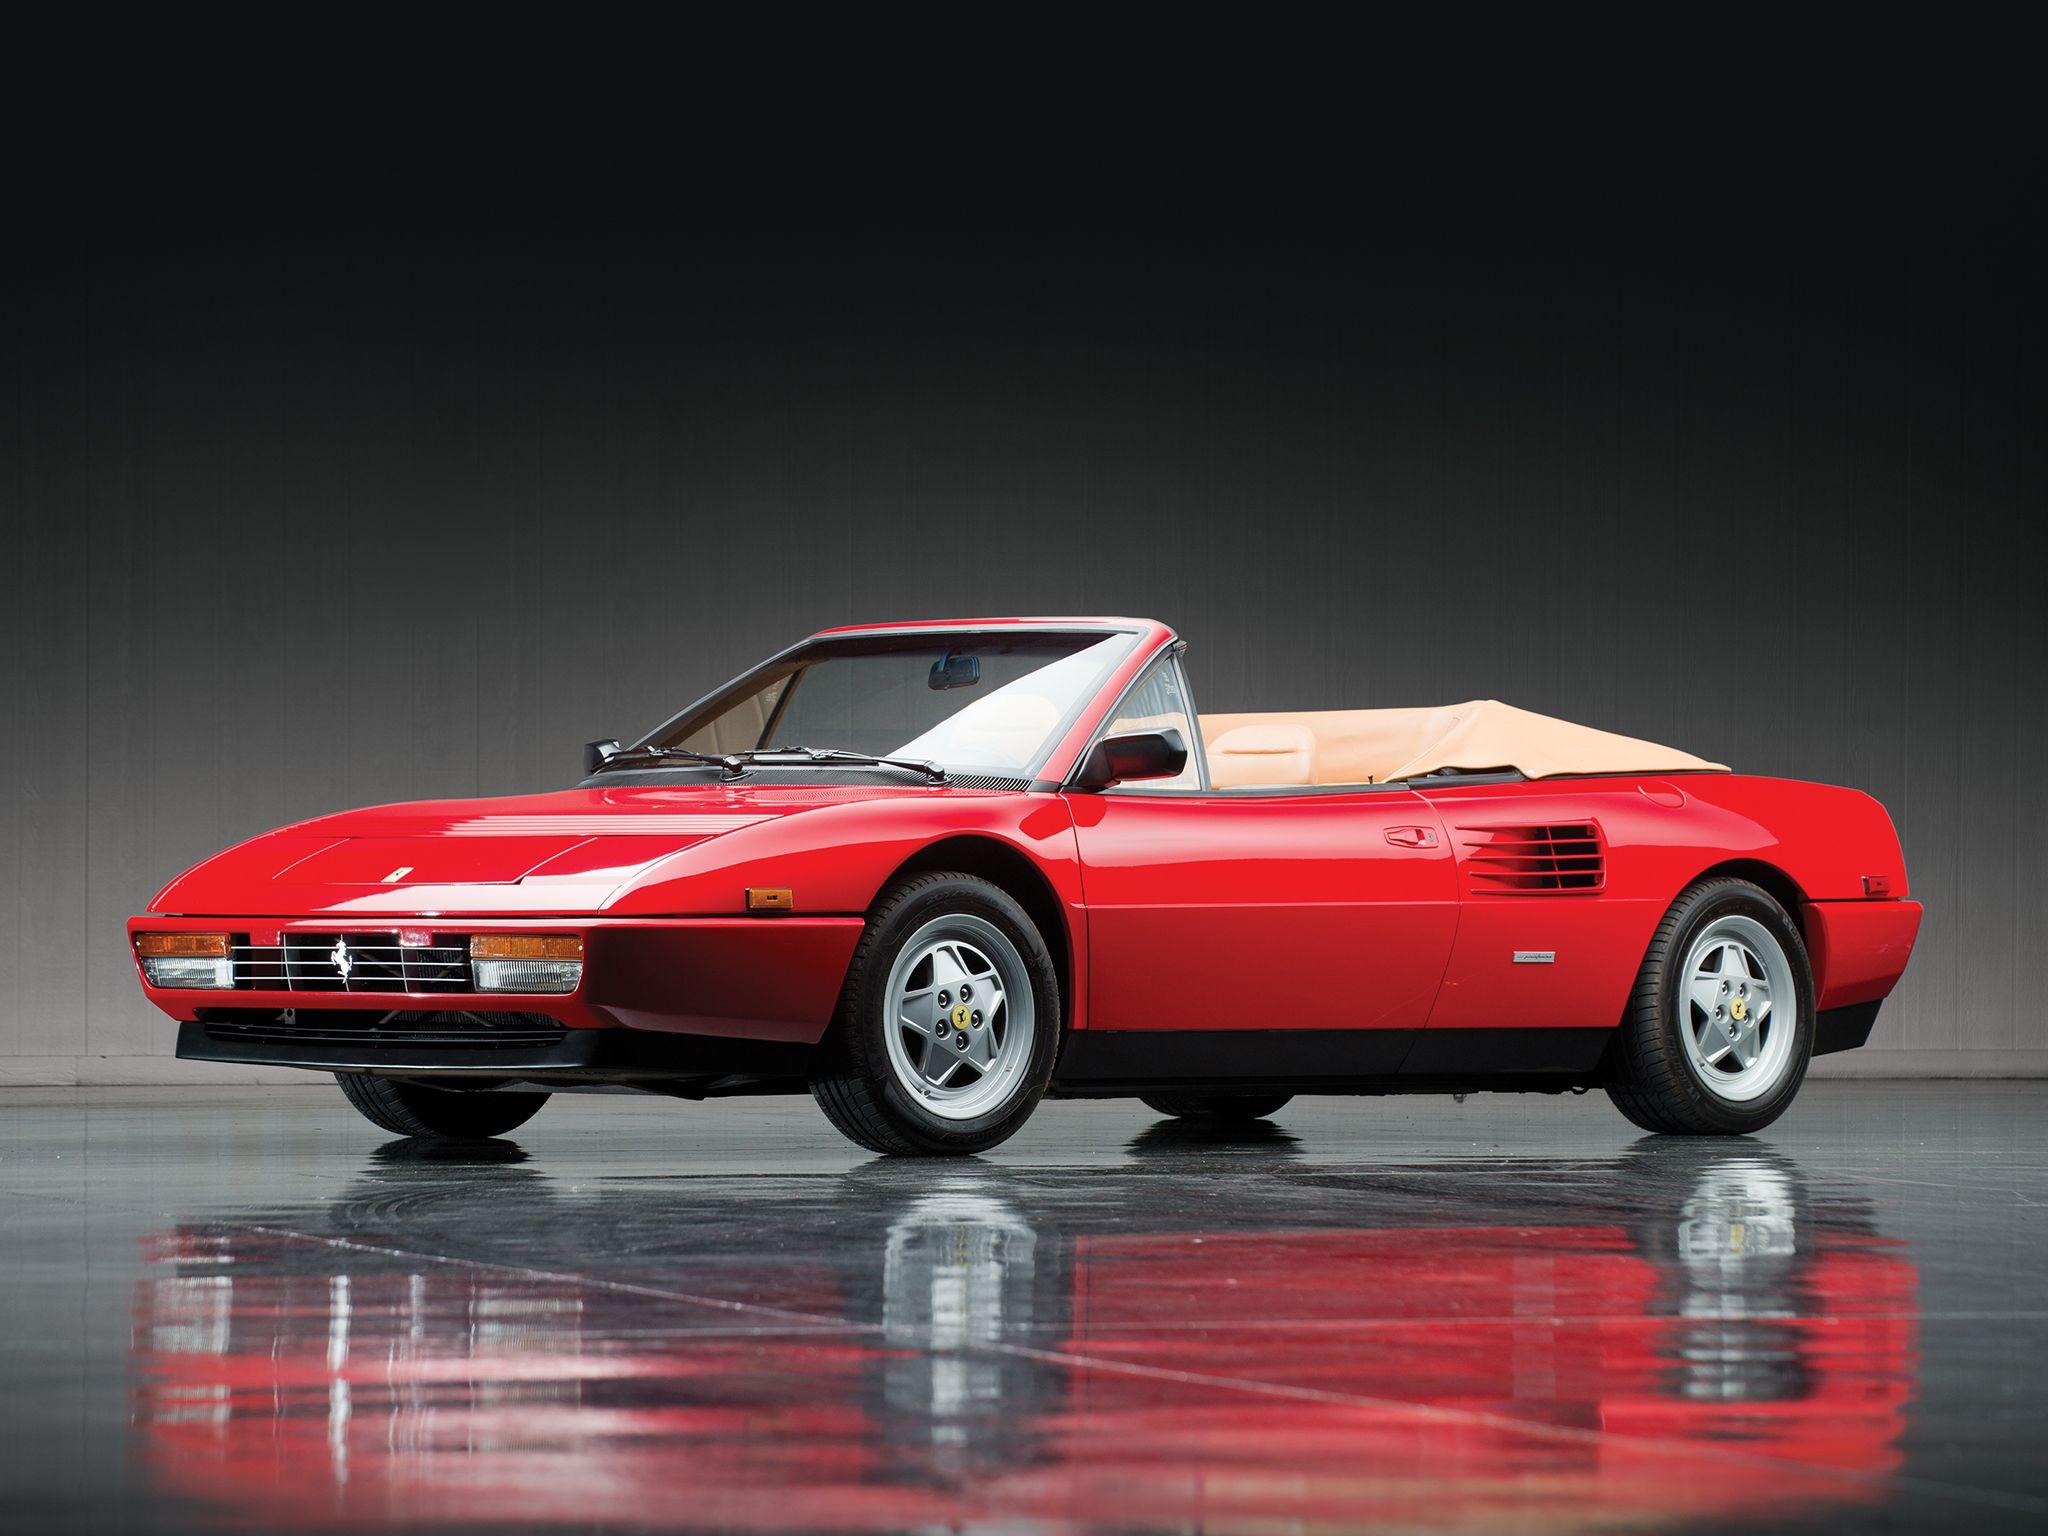 51bb8daf9ad13e2bdf56dbce34450e72 Gorgeous Ferrari Mondial 3.2 Cabriolet V8 Quattrovalvole Cars Trend